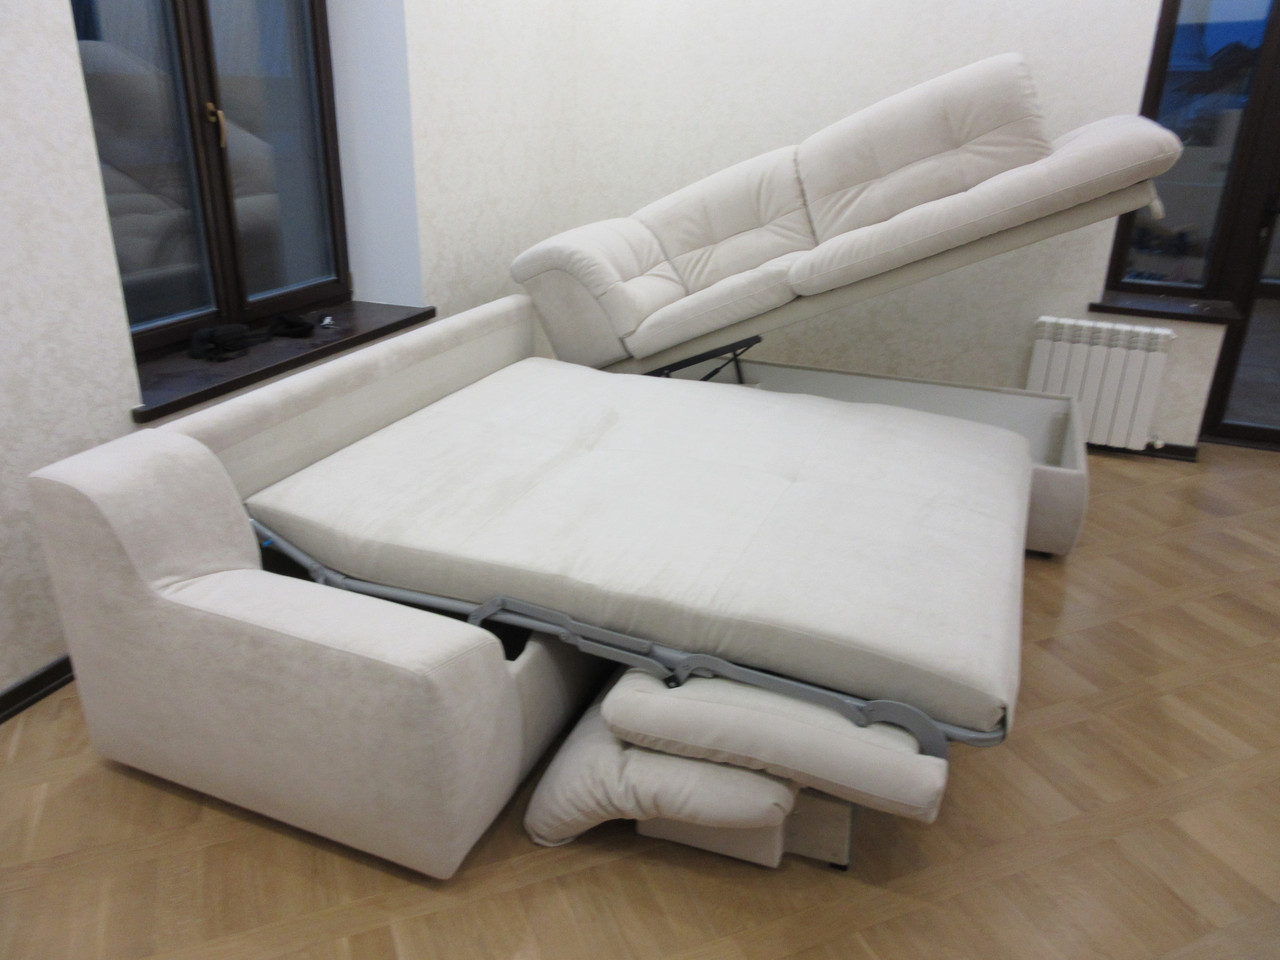 Какой диван выбрать для ежедневного сна, диваны для сна на каждый день | аскона